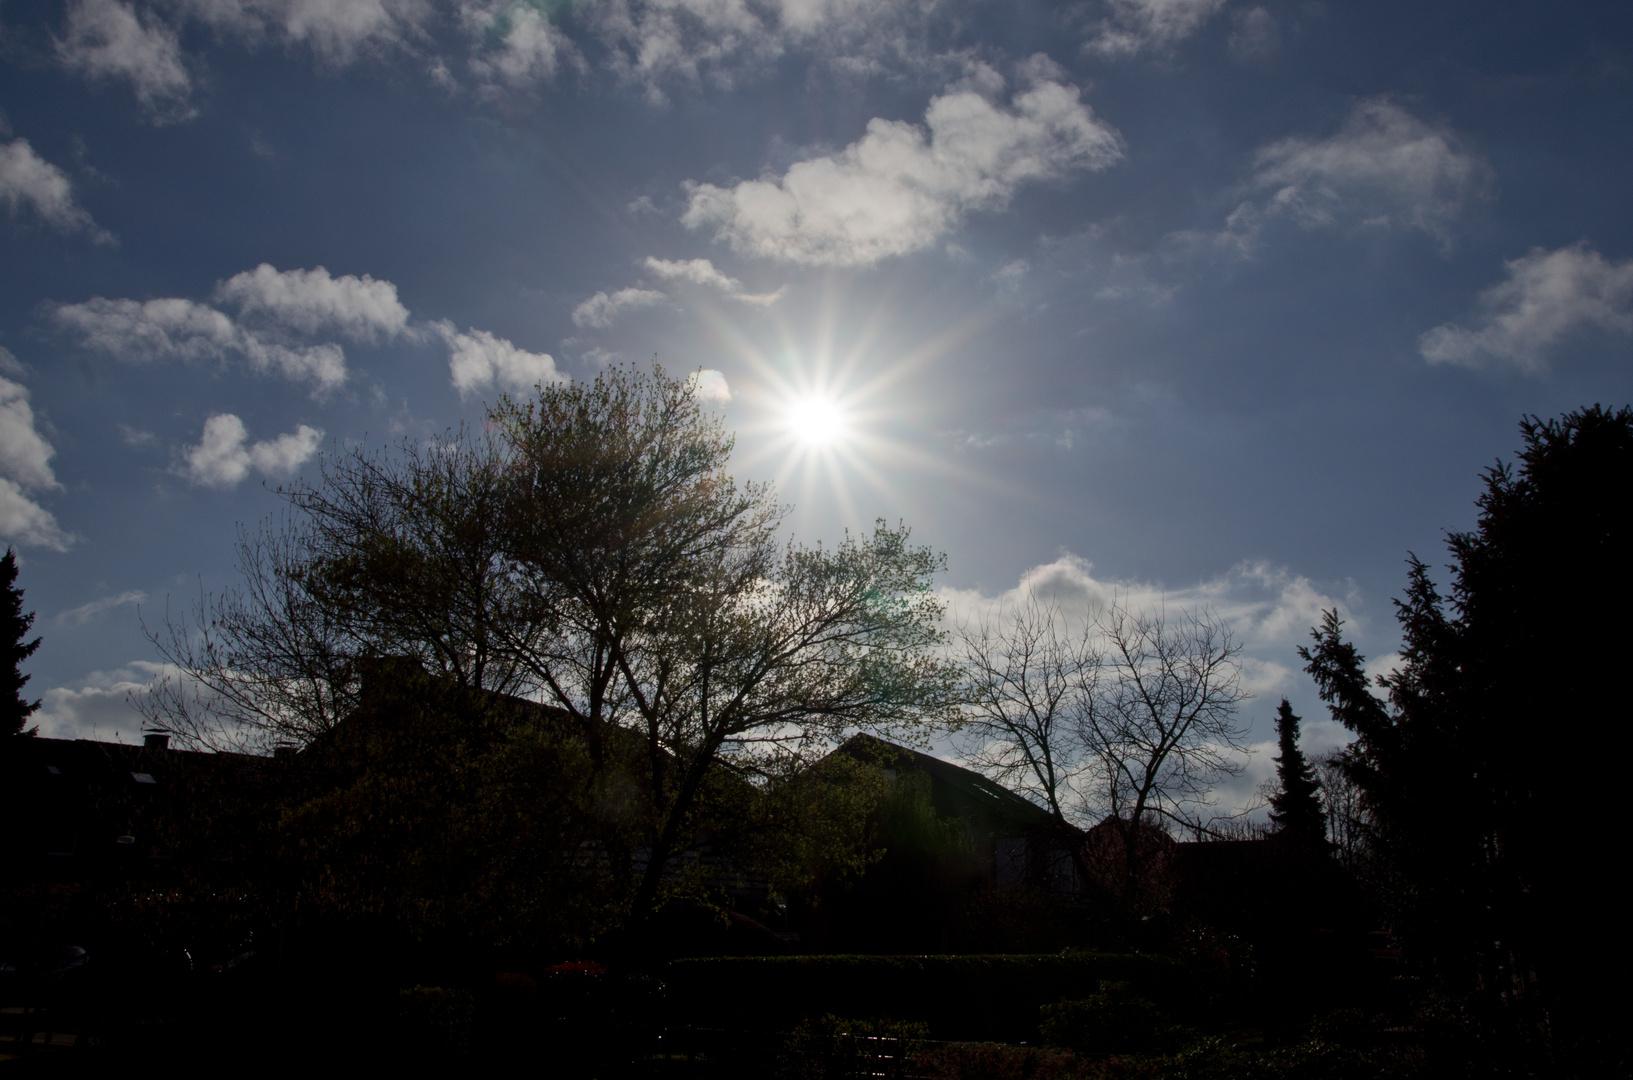 Sonnen - Sonntag